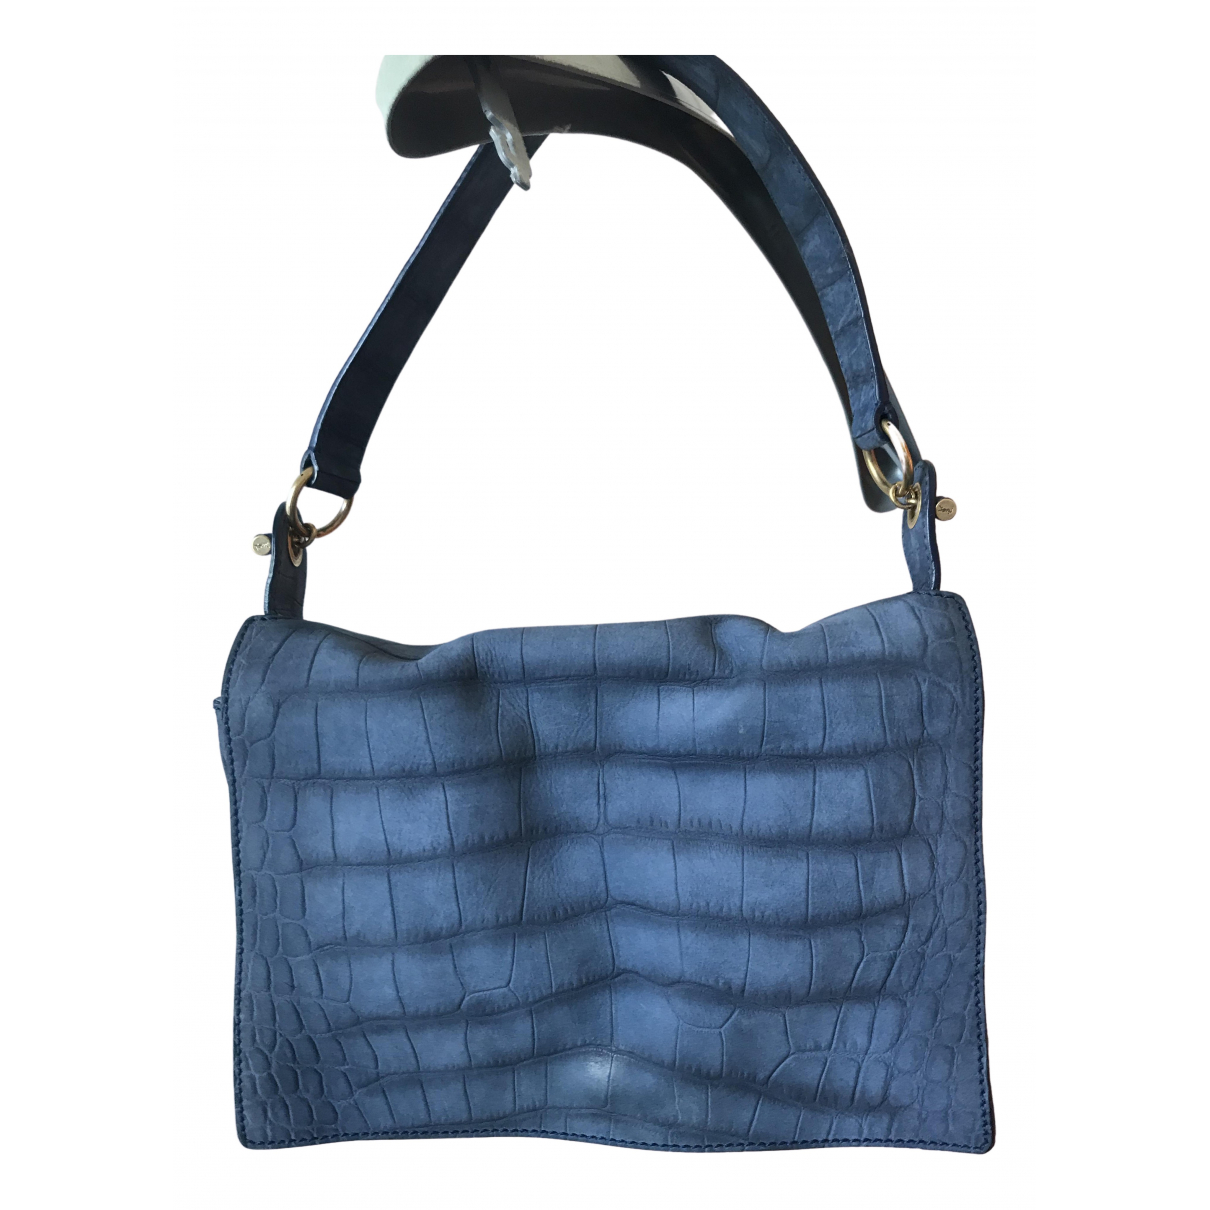 Yves Saint Laurent N Blue Leather handbag for Women N